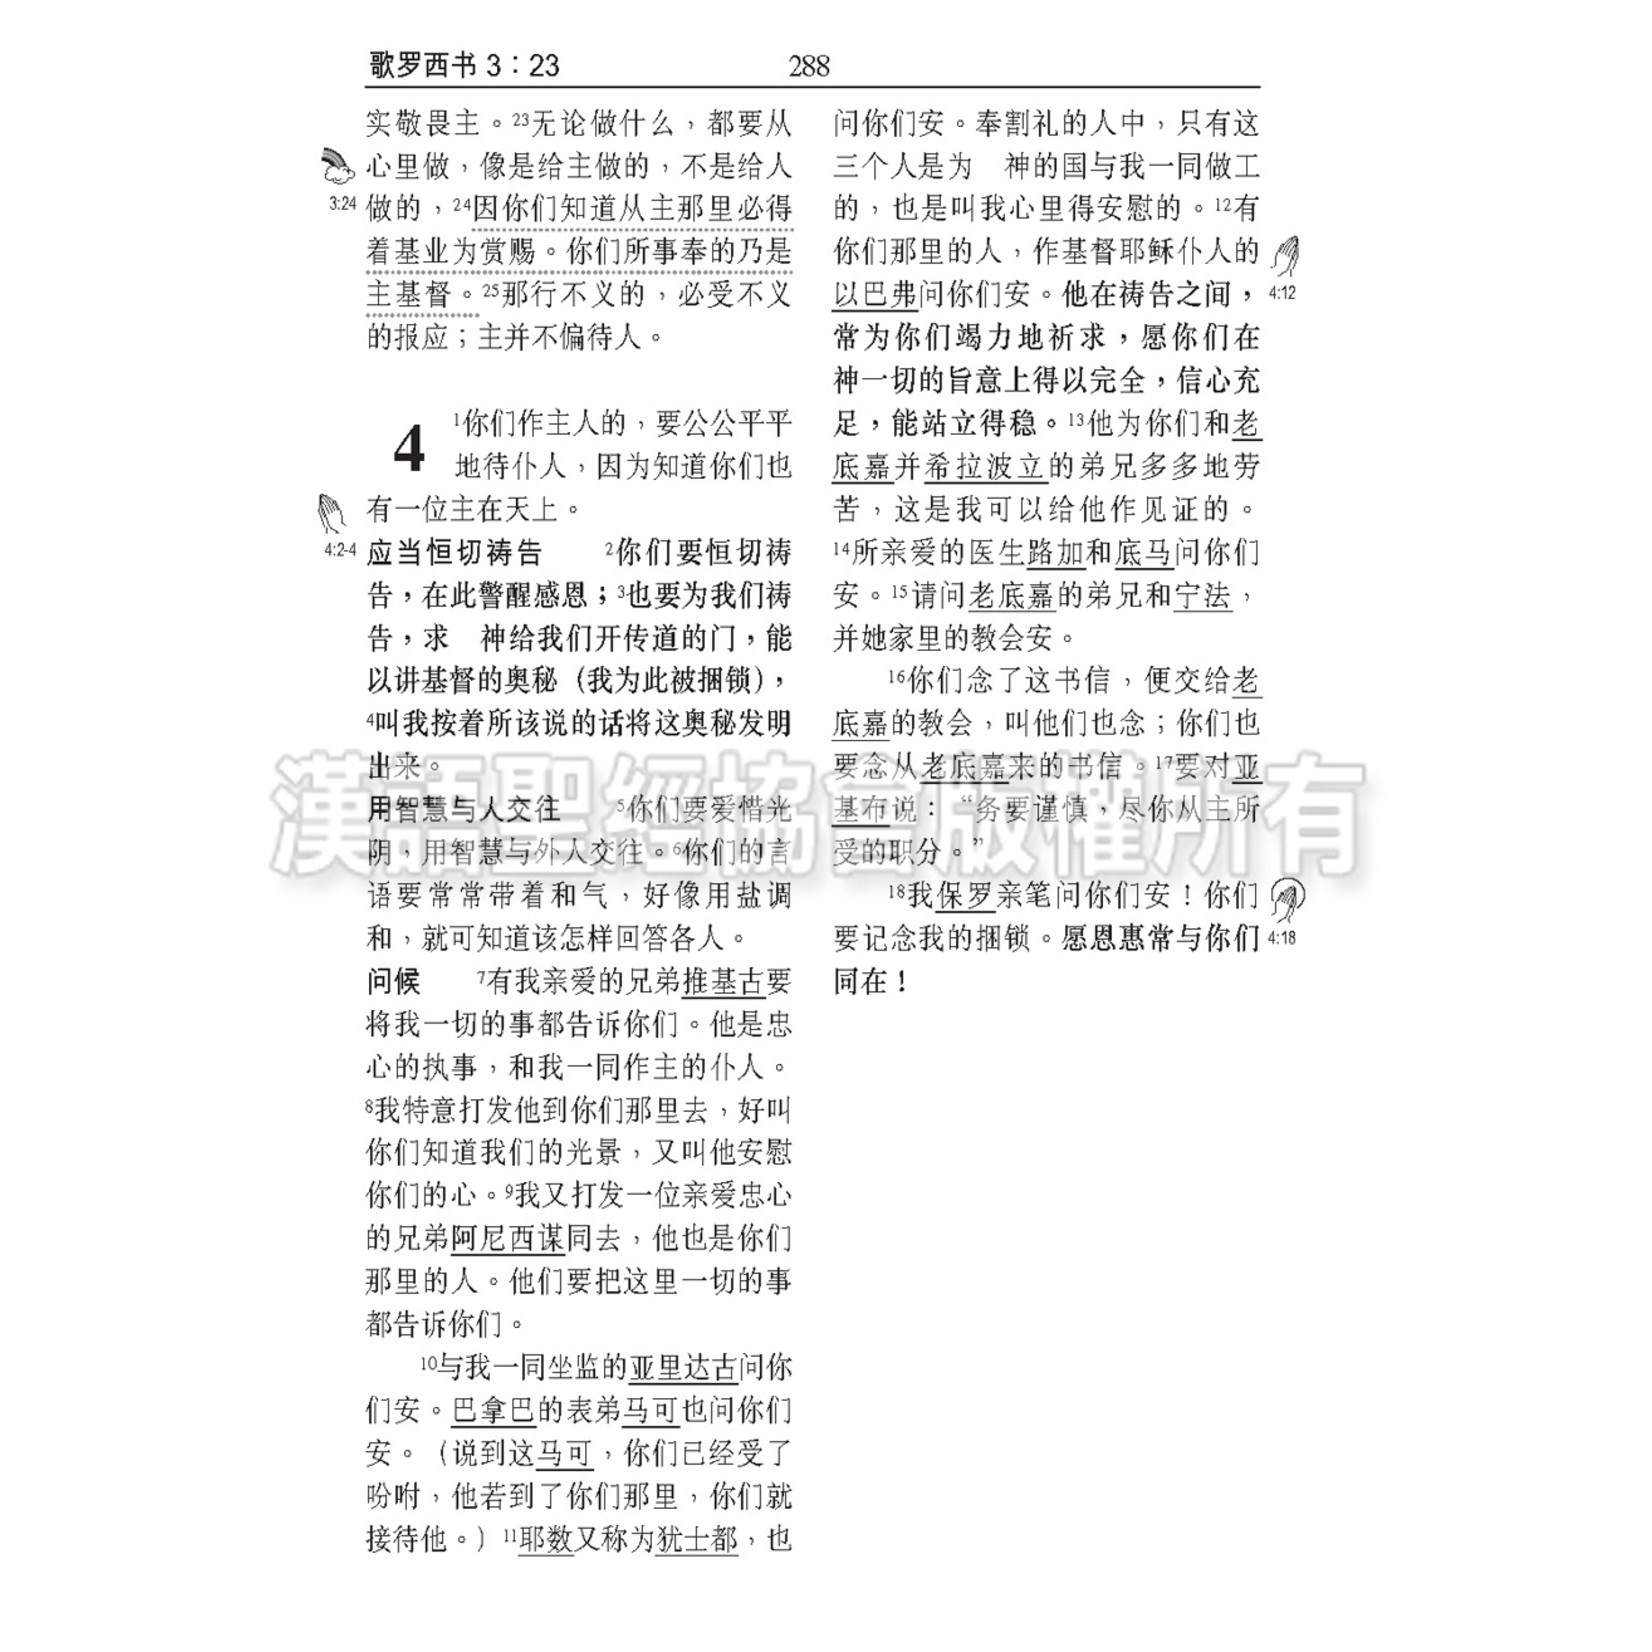 漢語聖經協會 Chinese Bible International 圣经.和合本.祈祷应许版.标准本.黑色硬面.白边